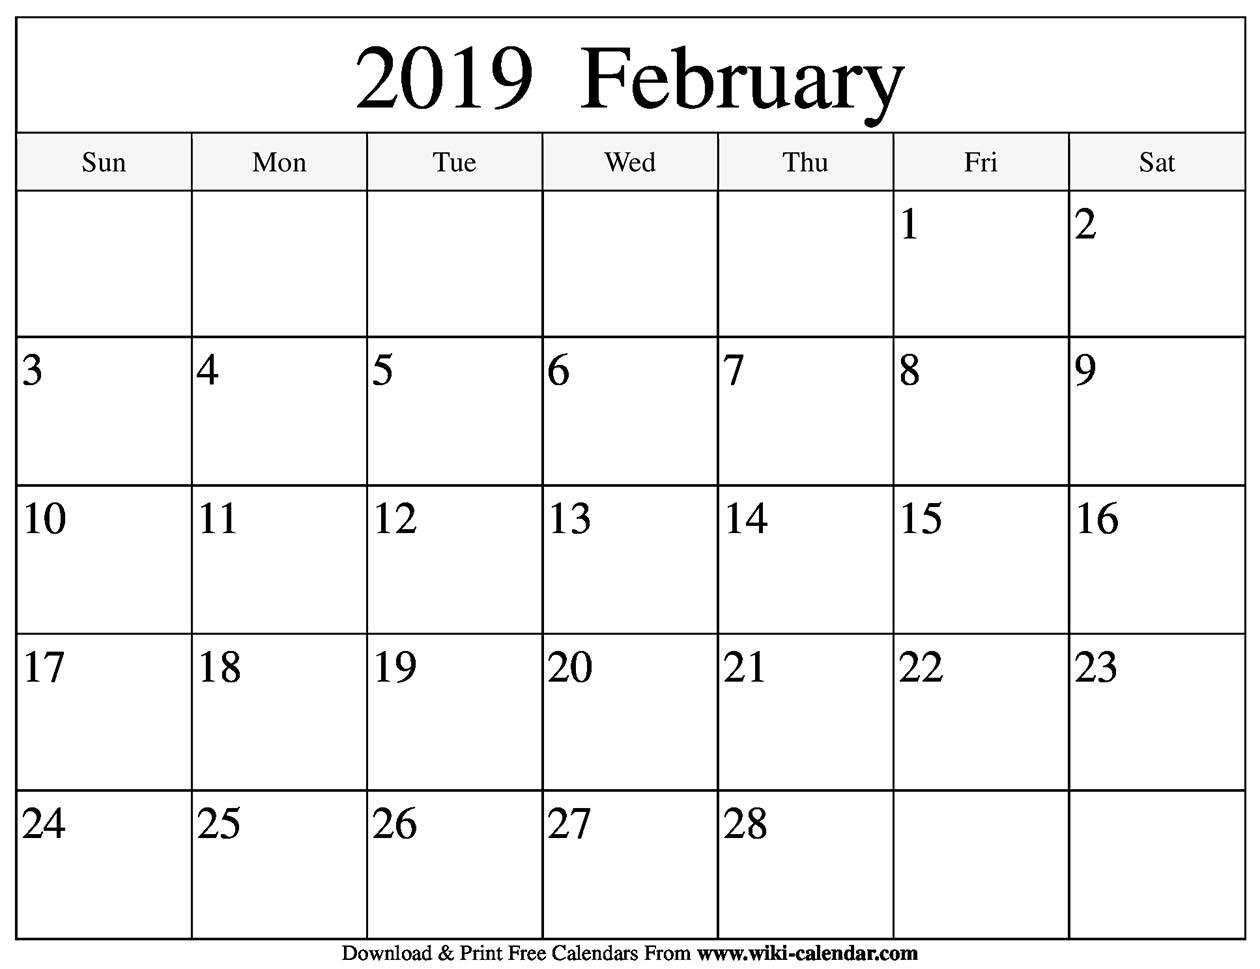 Print-A-Calendarcom February 2019 Blank February 2019 Calendar Printable   jsdo.it   Share